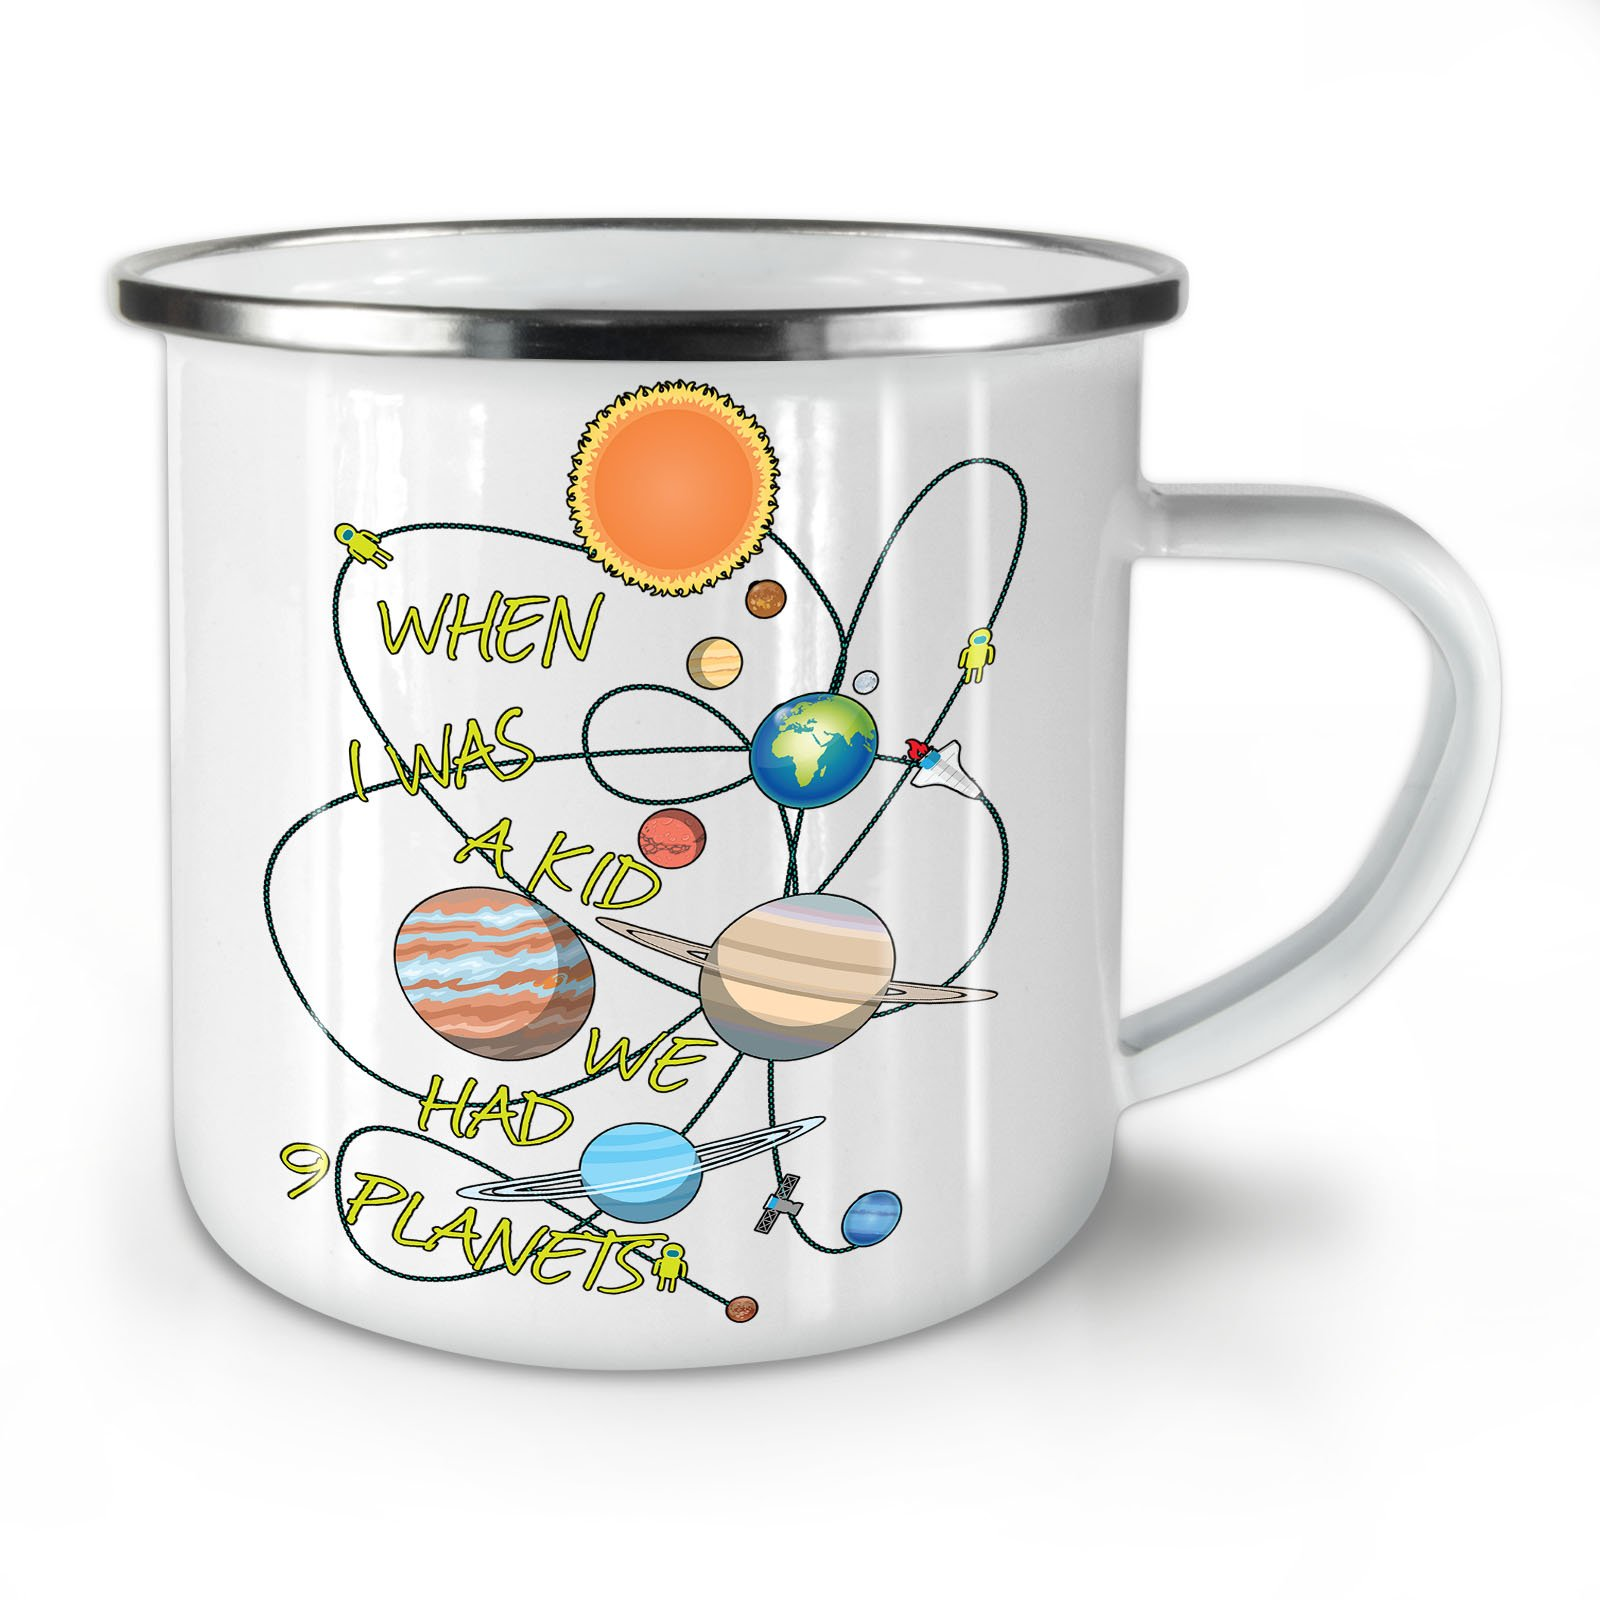 When I Was A Kid Solar System White Enamel Mug 10 oz | Wellcoda